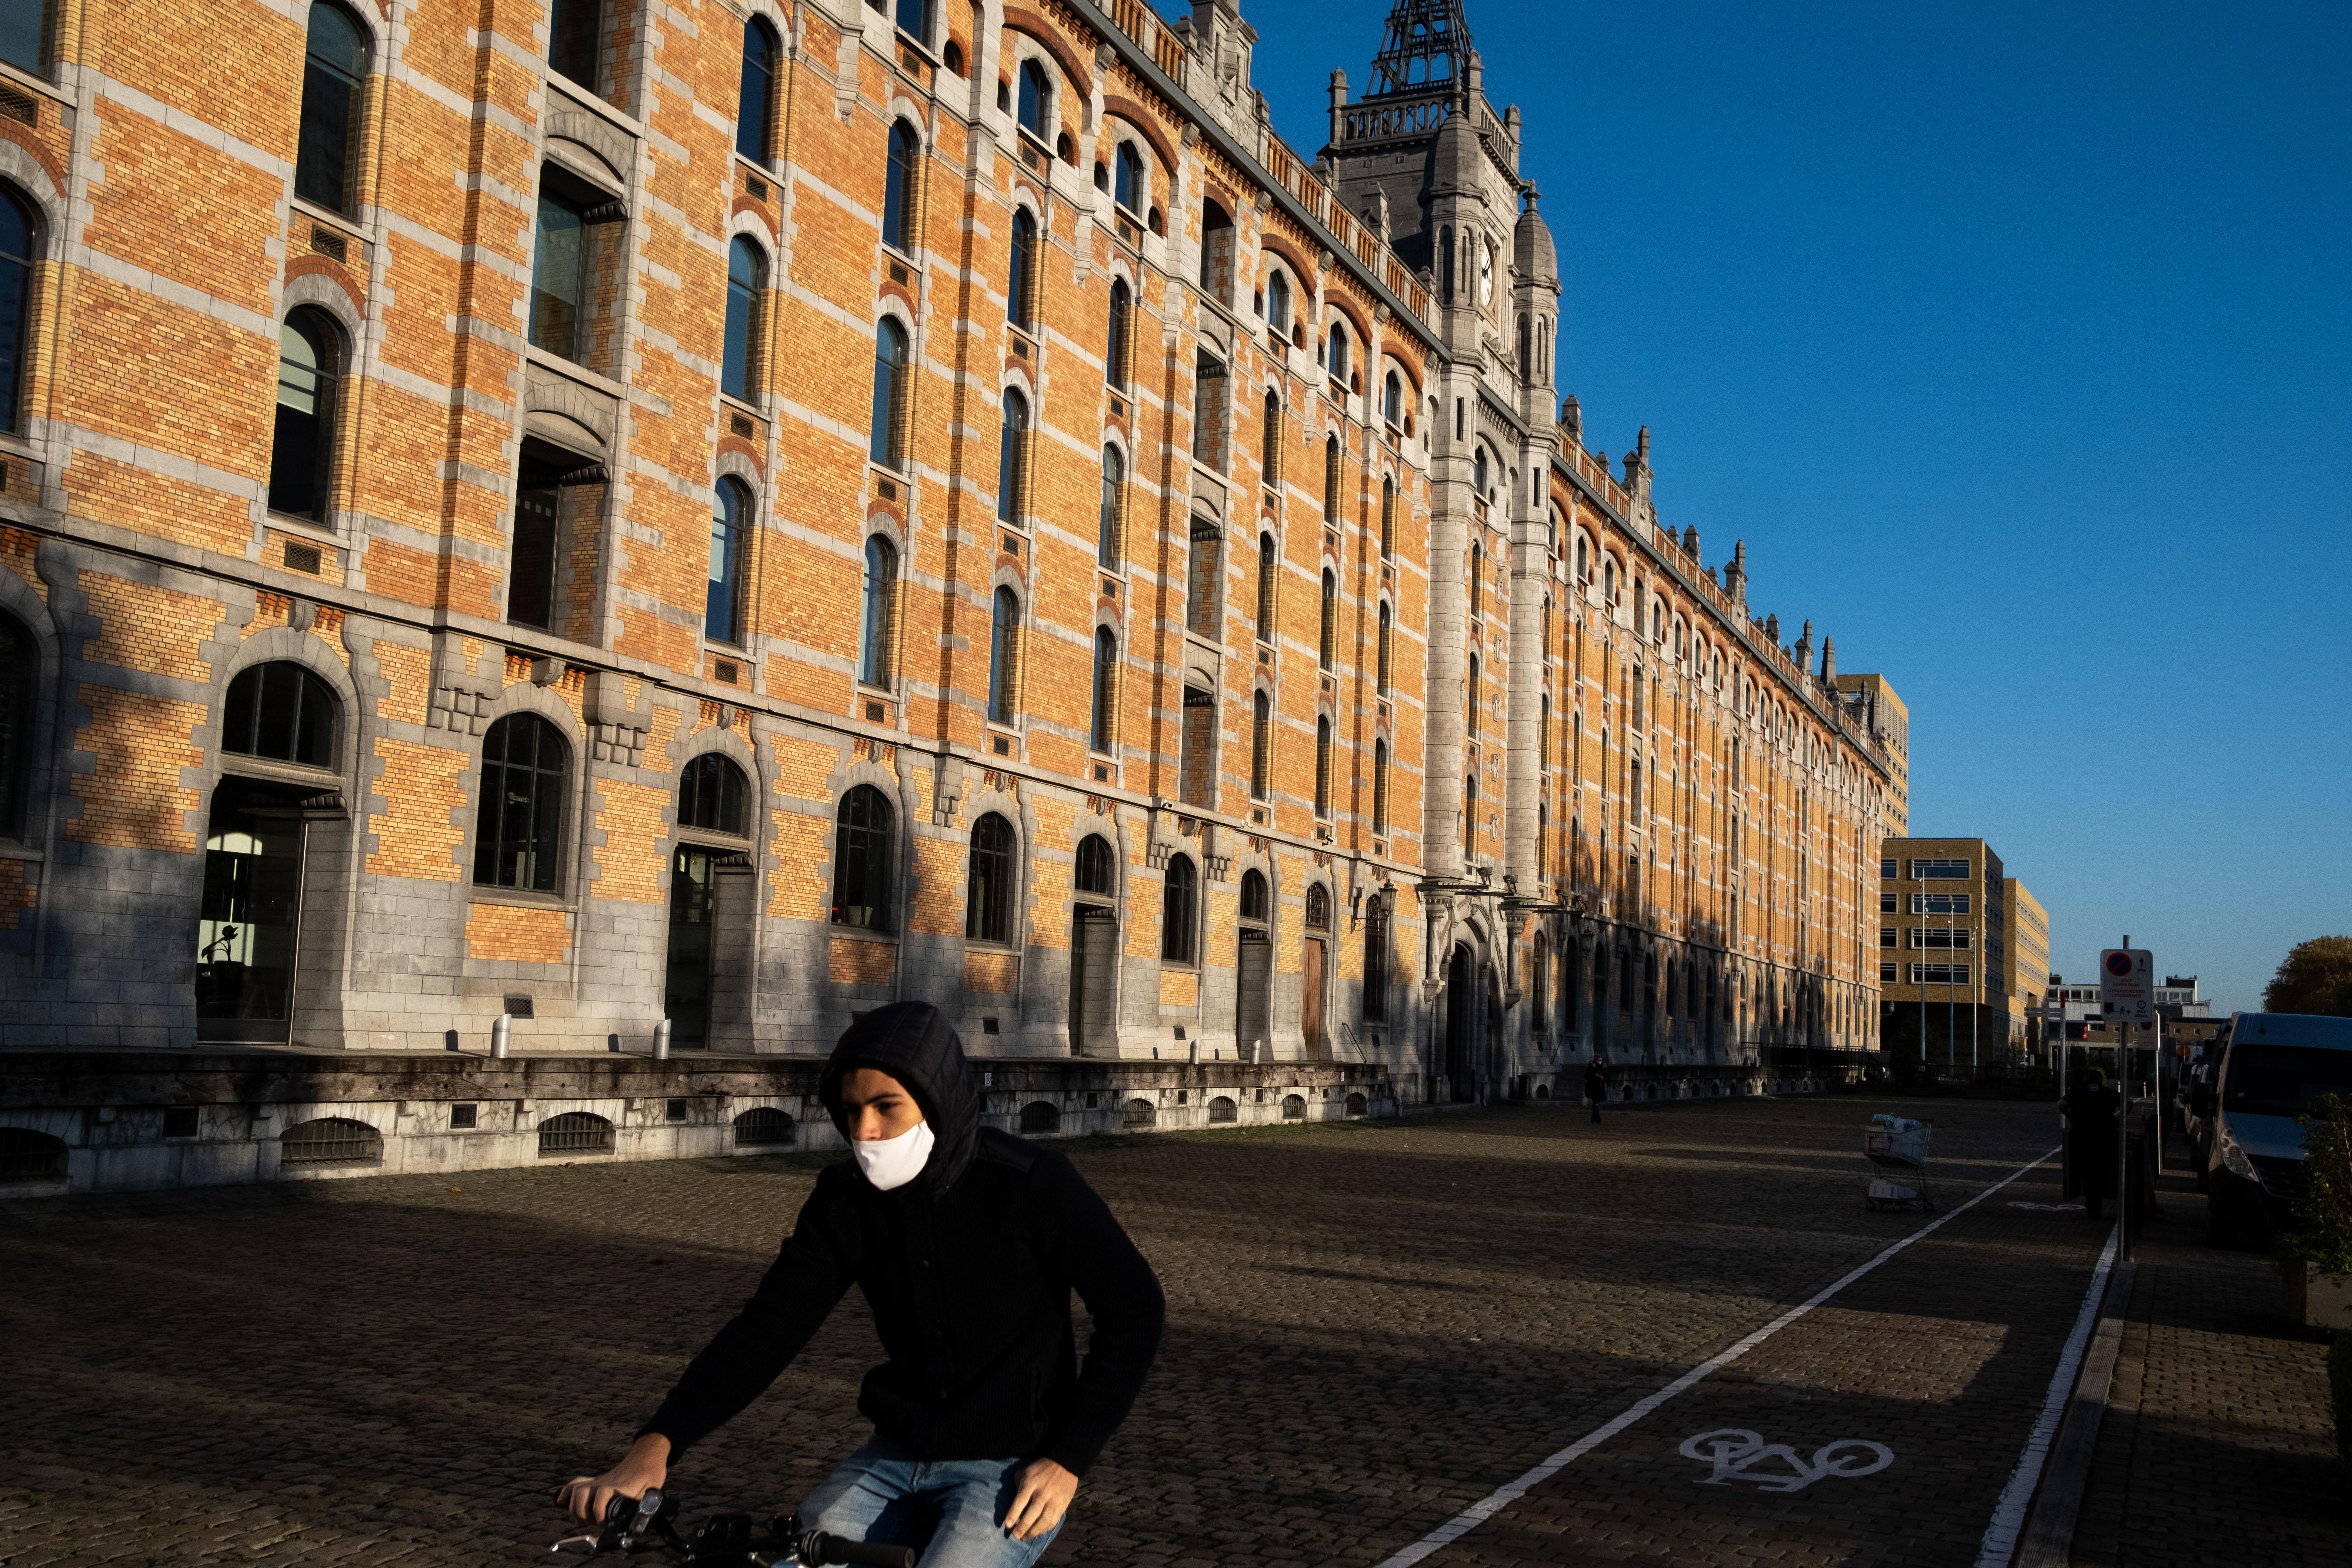 Brüsszel nagy részén mától csak 30 km/órával mehetnek az autók